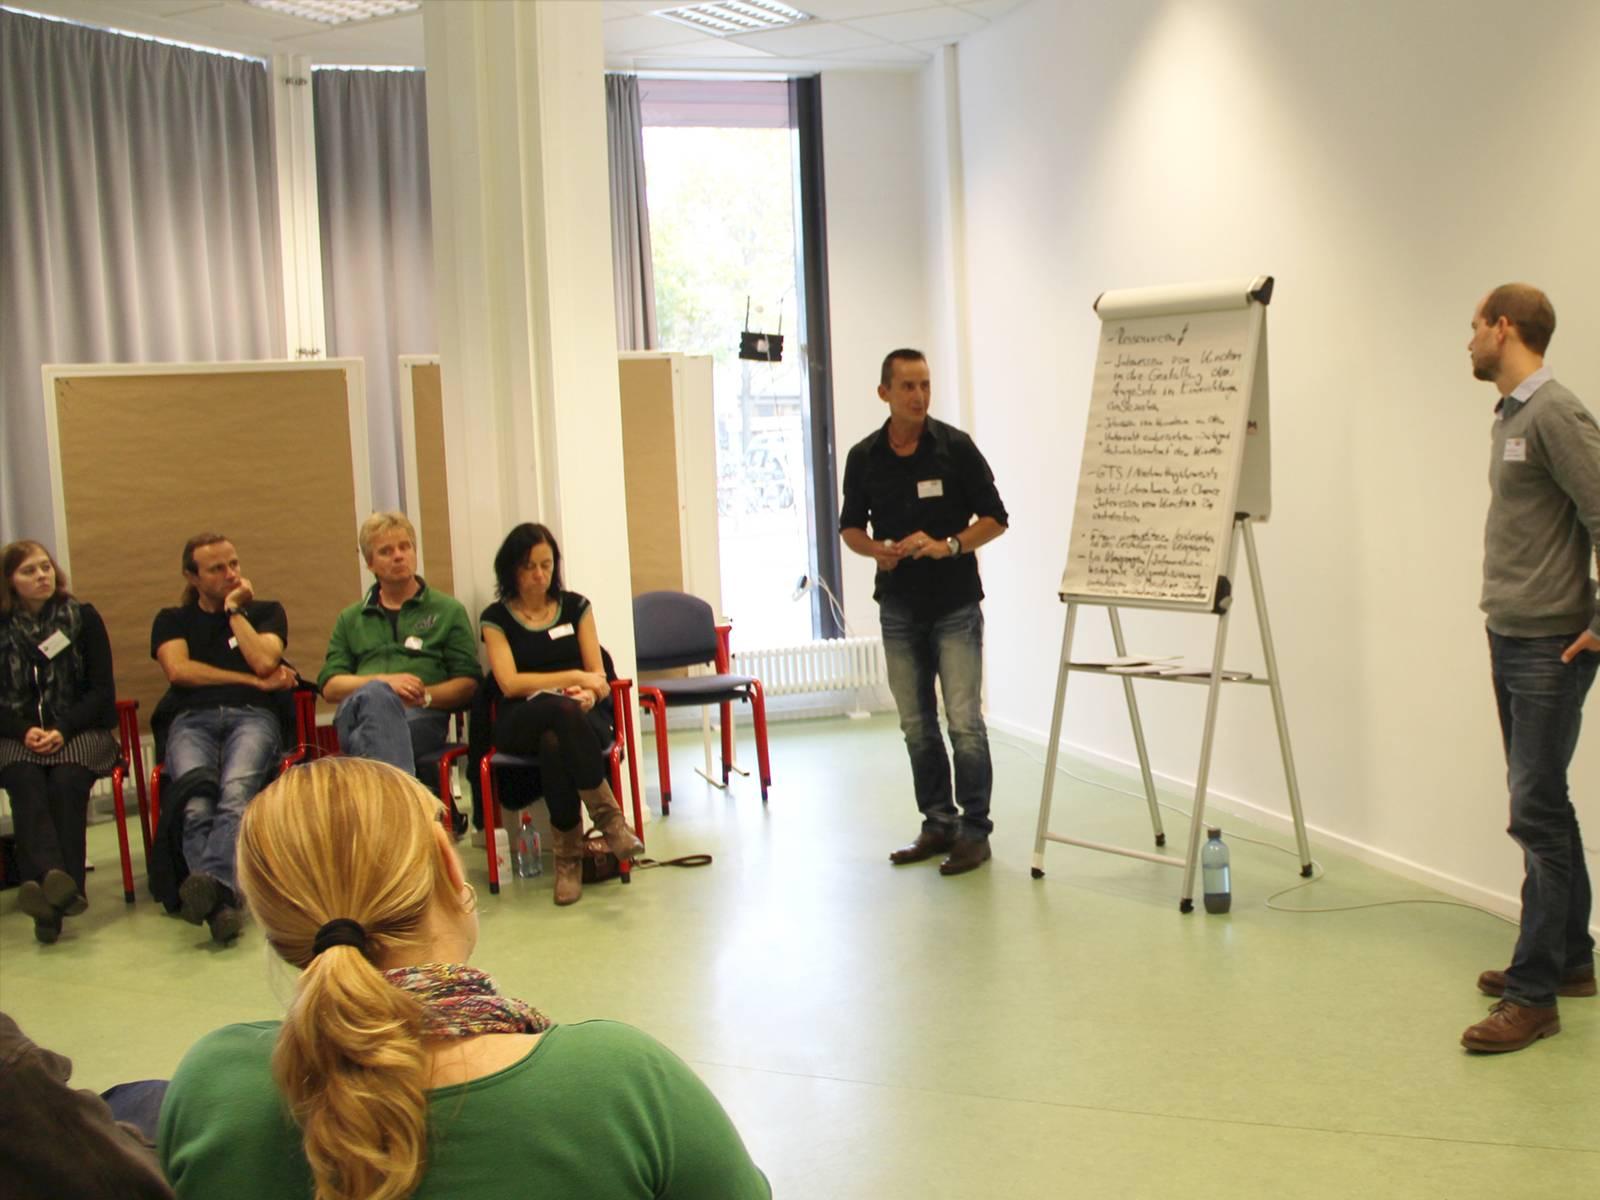 Teilnehmende am Workshop sitzen in einem Halbkreis um ein Flipchart und hören einem Vortragenden zu.